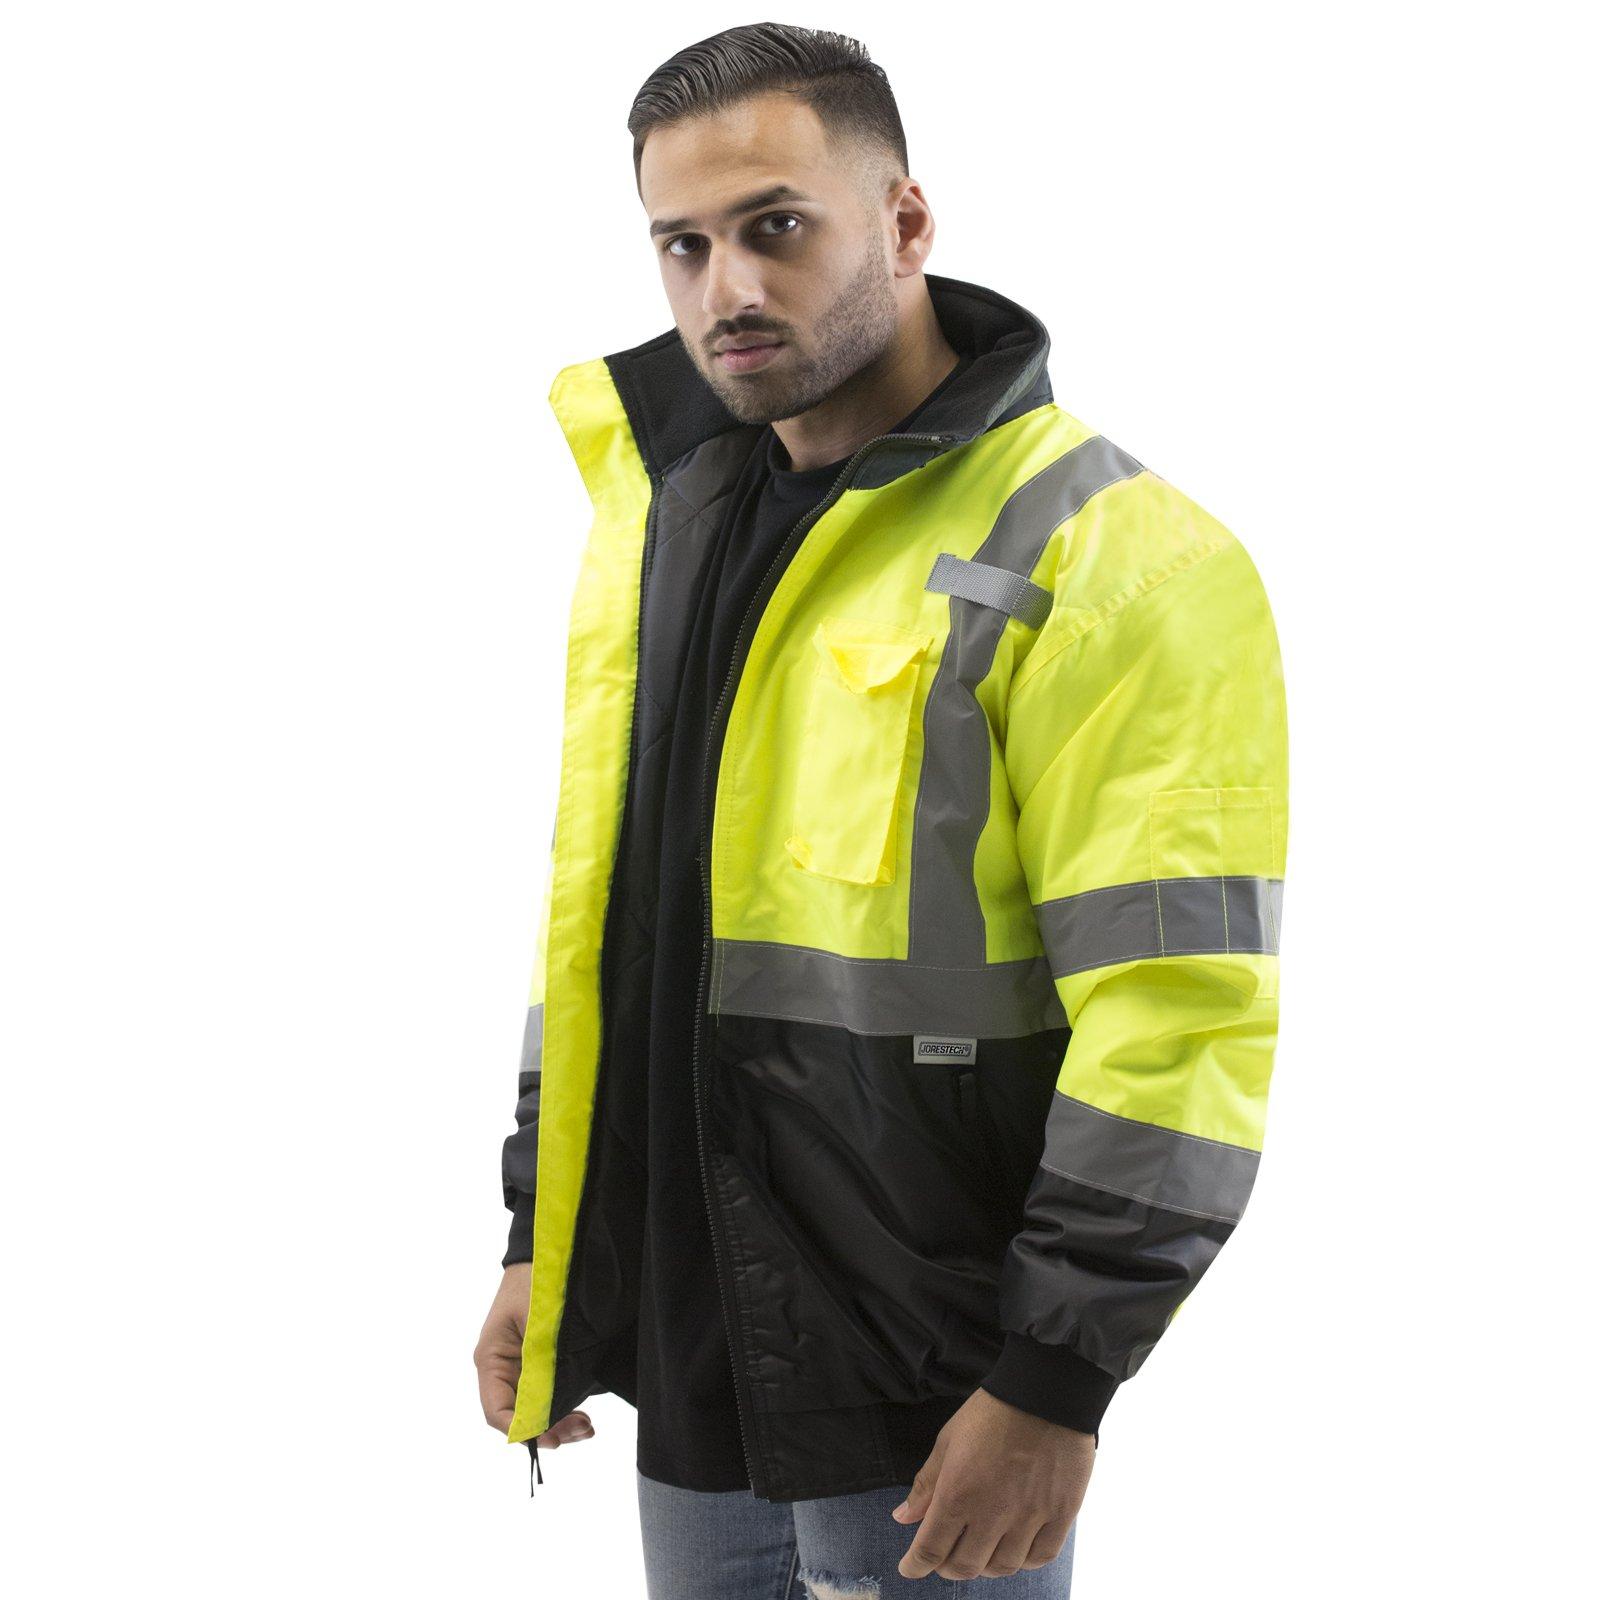 JORESTECH High Visibility Waterproof Bomber Jacket (Medium, Yellow) by JORESTECH